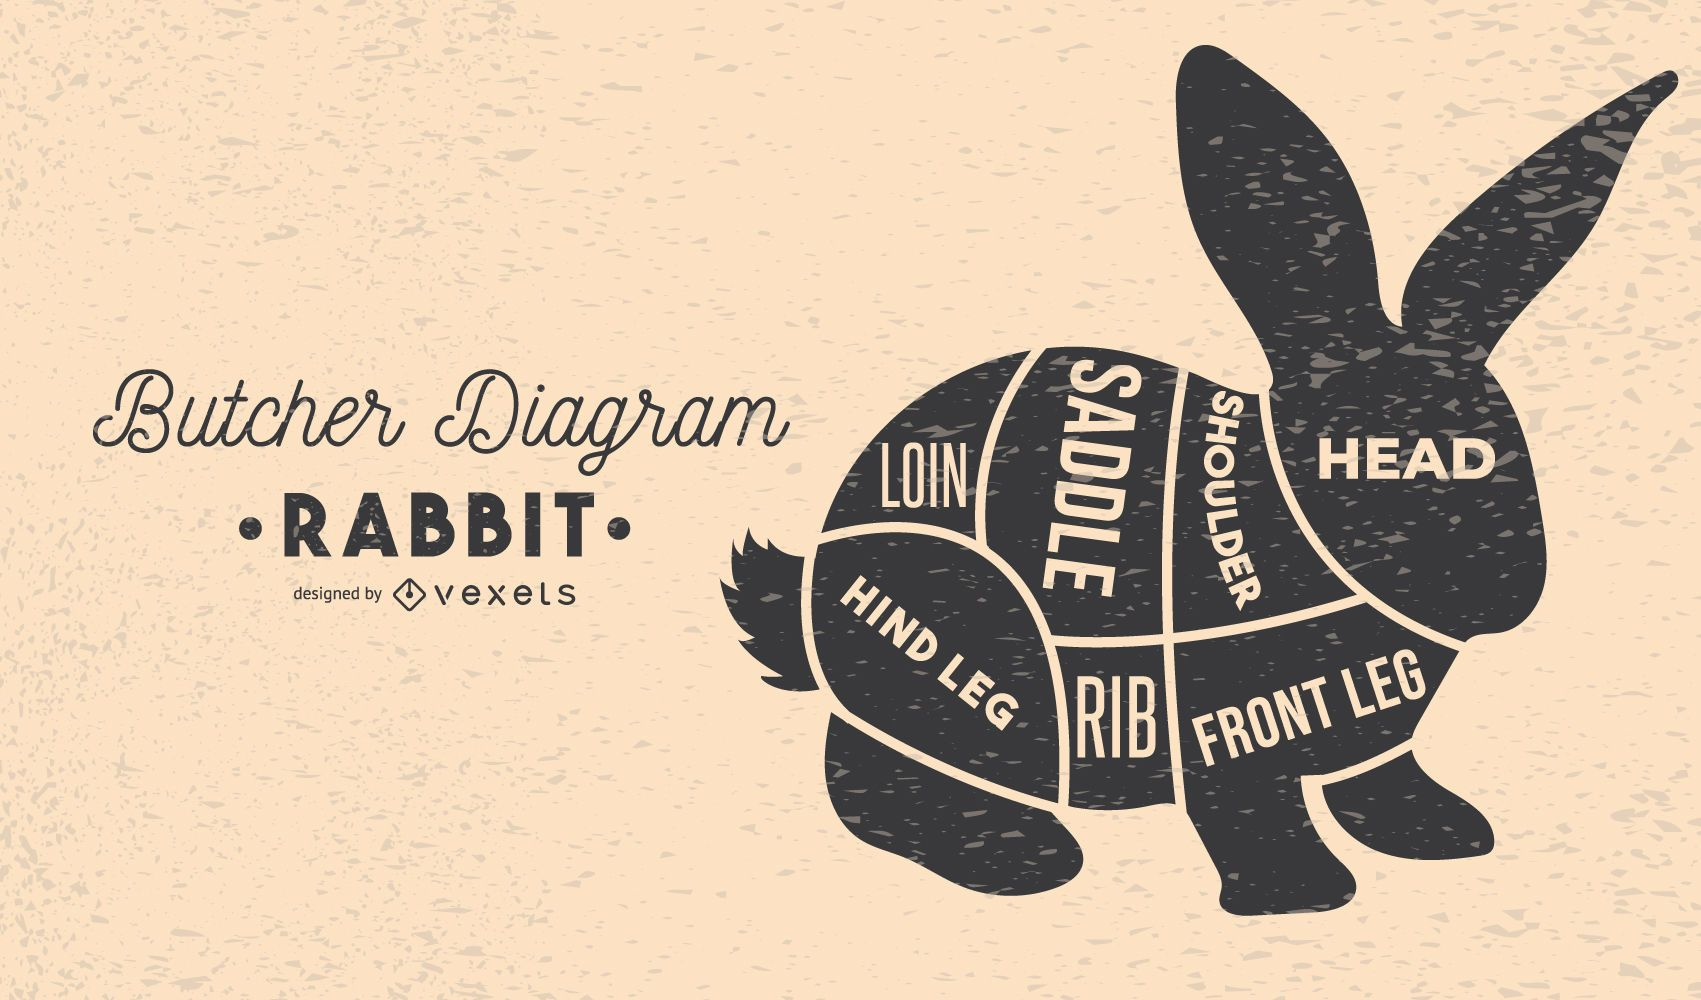 Projeto do diagrama do açougueiro de coelho